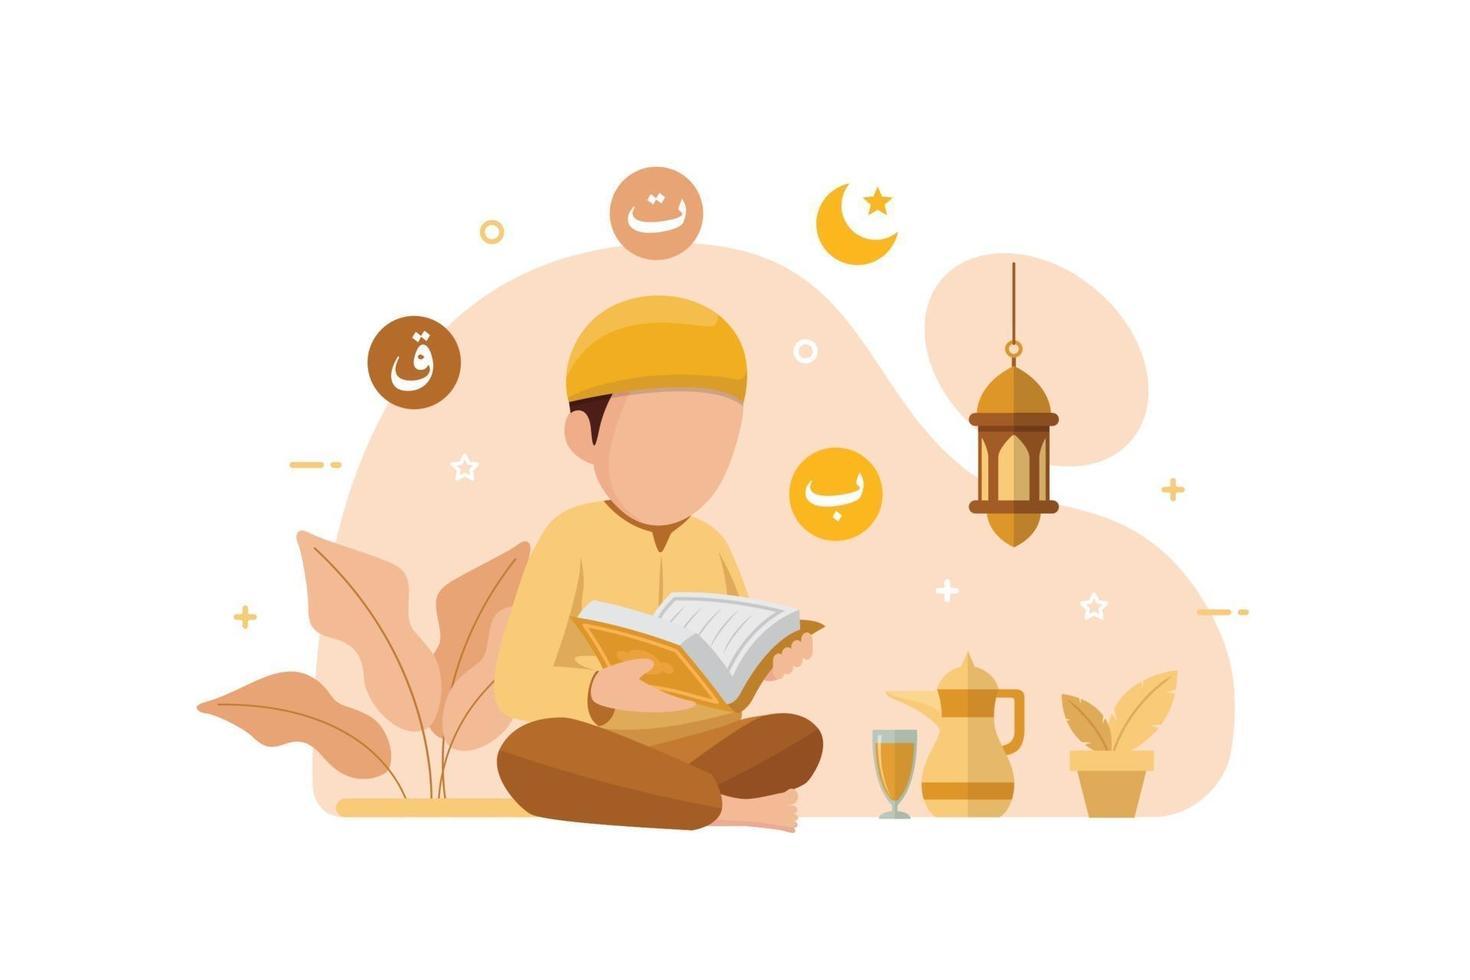 persone musulmane che leggono e imparano il libro sacro islamico del Corano vettore